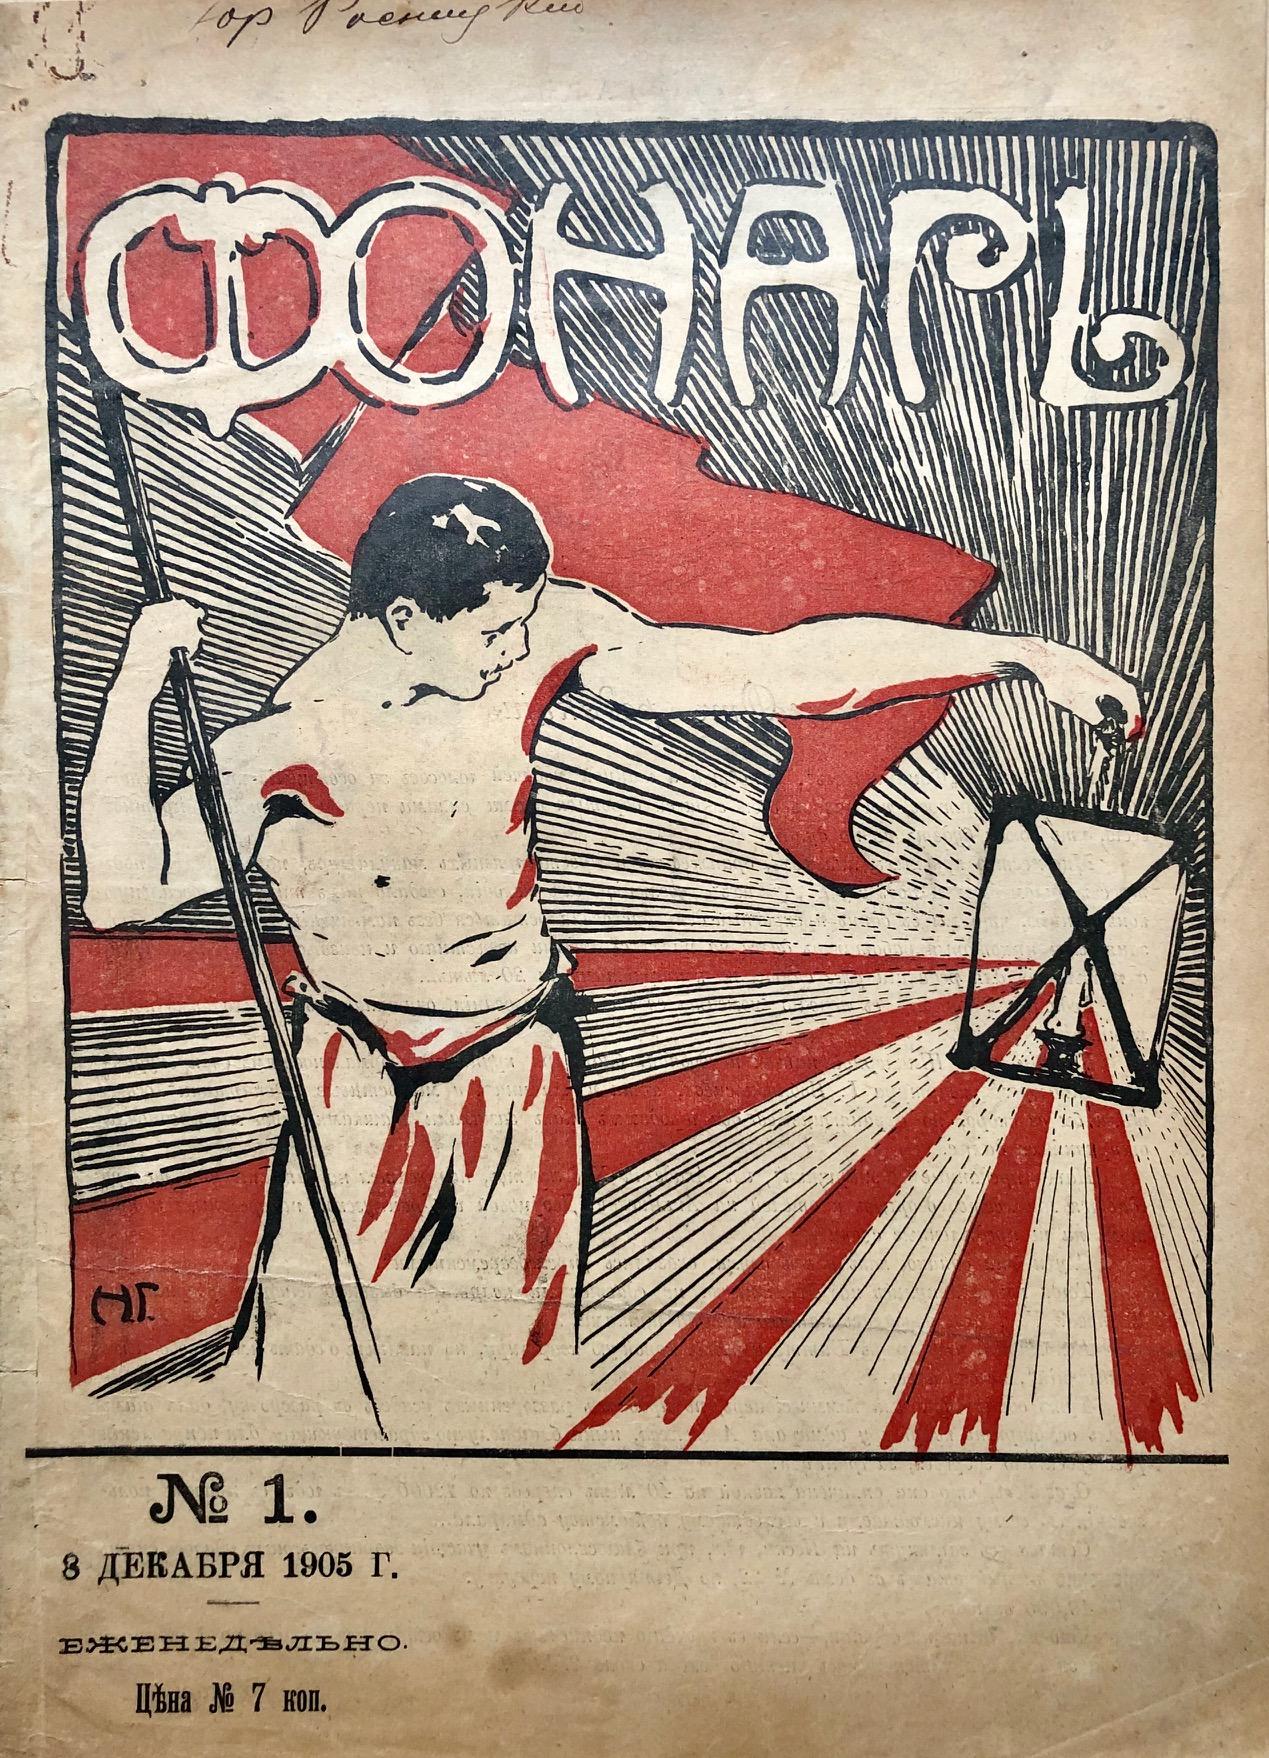 Lot 511 - La lanterne. Фонарь. Журнал политической и обществ. [...]